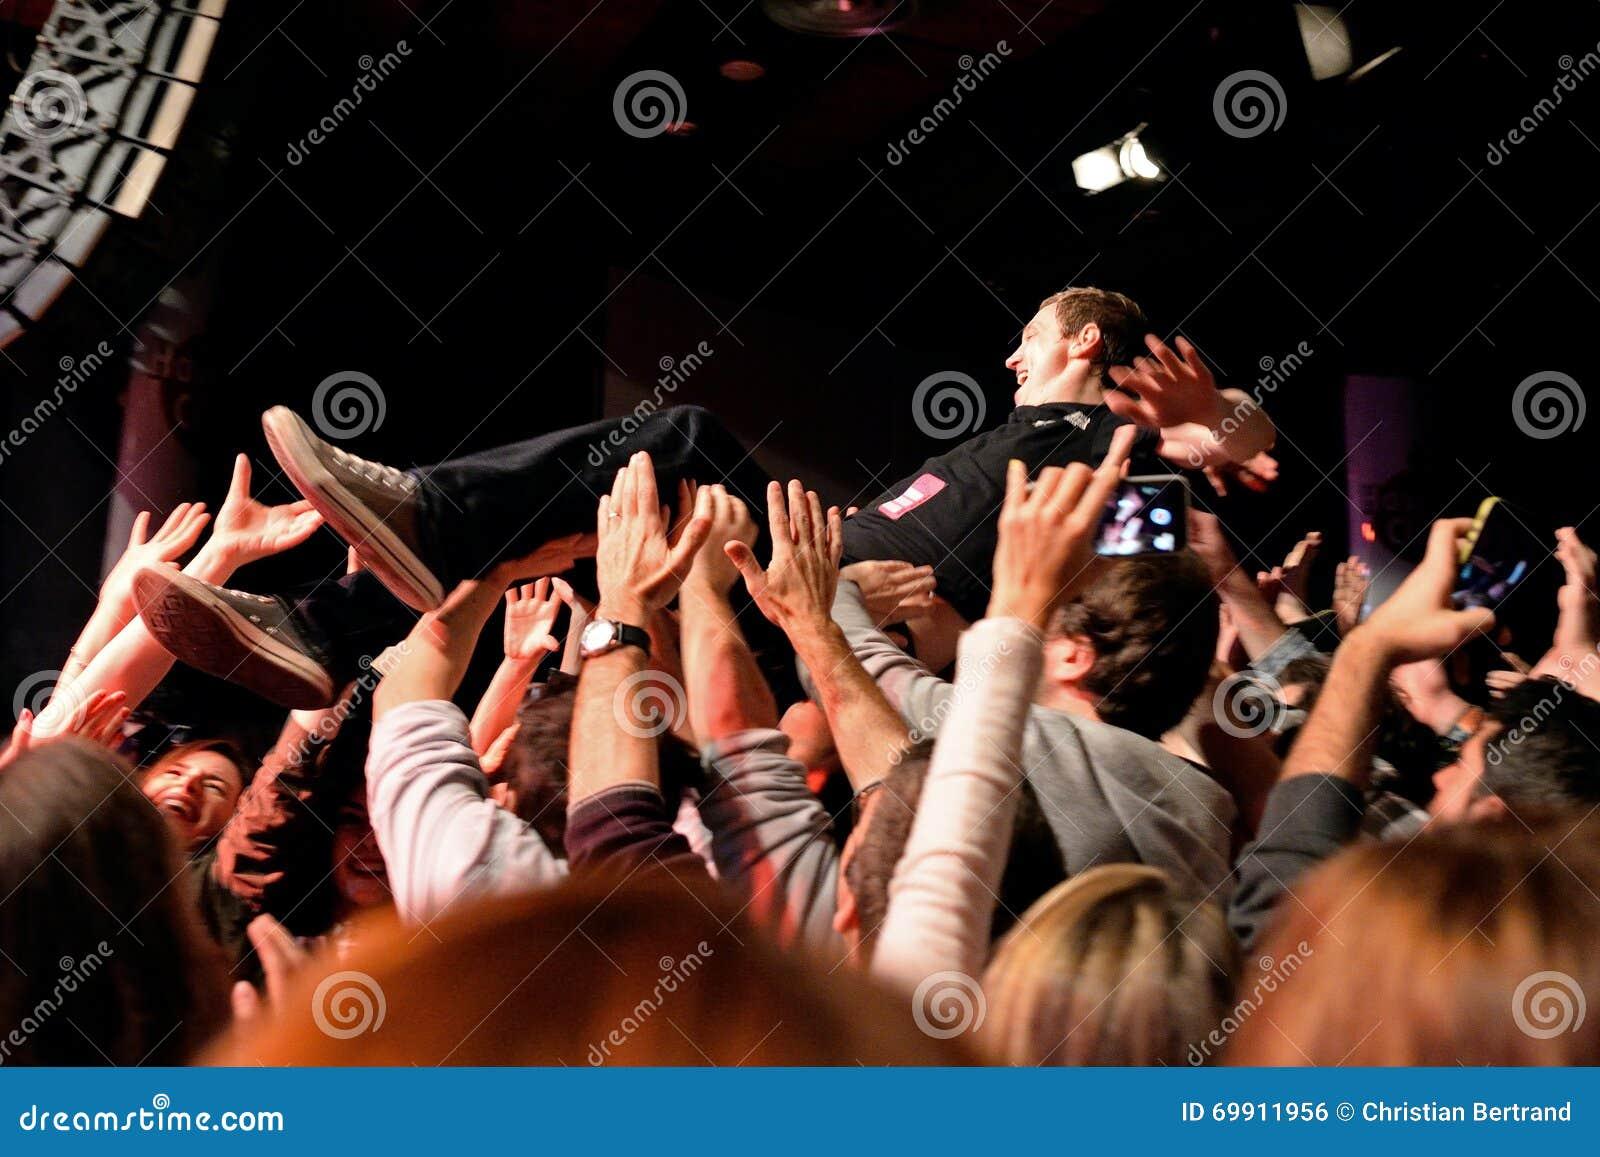 точностью, достаточной милую чешку толпа на столе саманта поступает кардинально